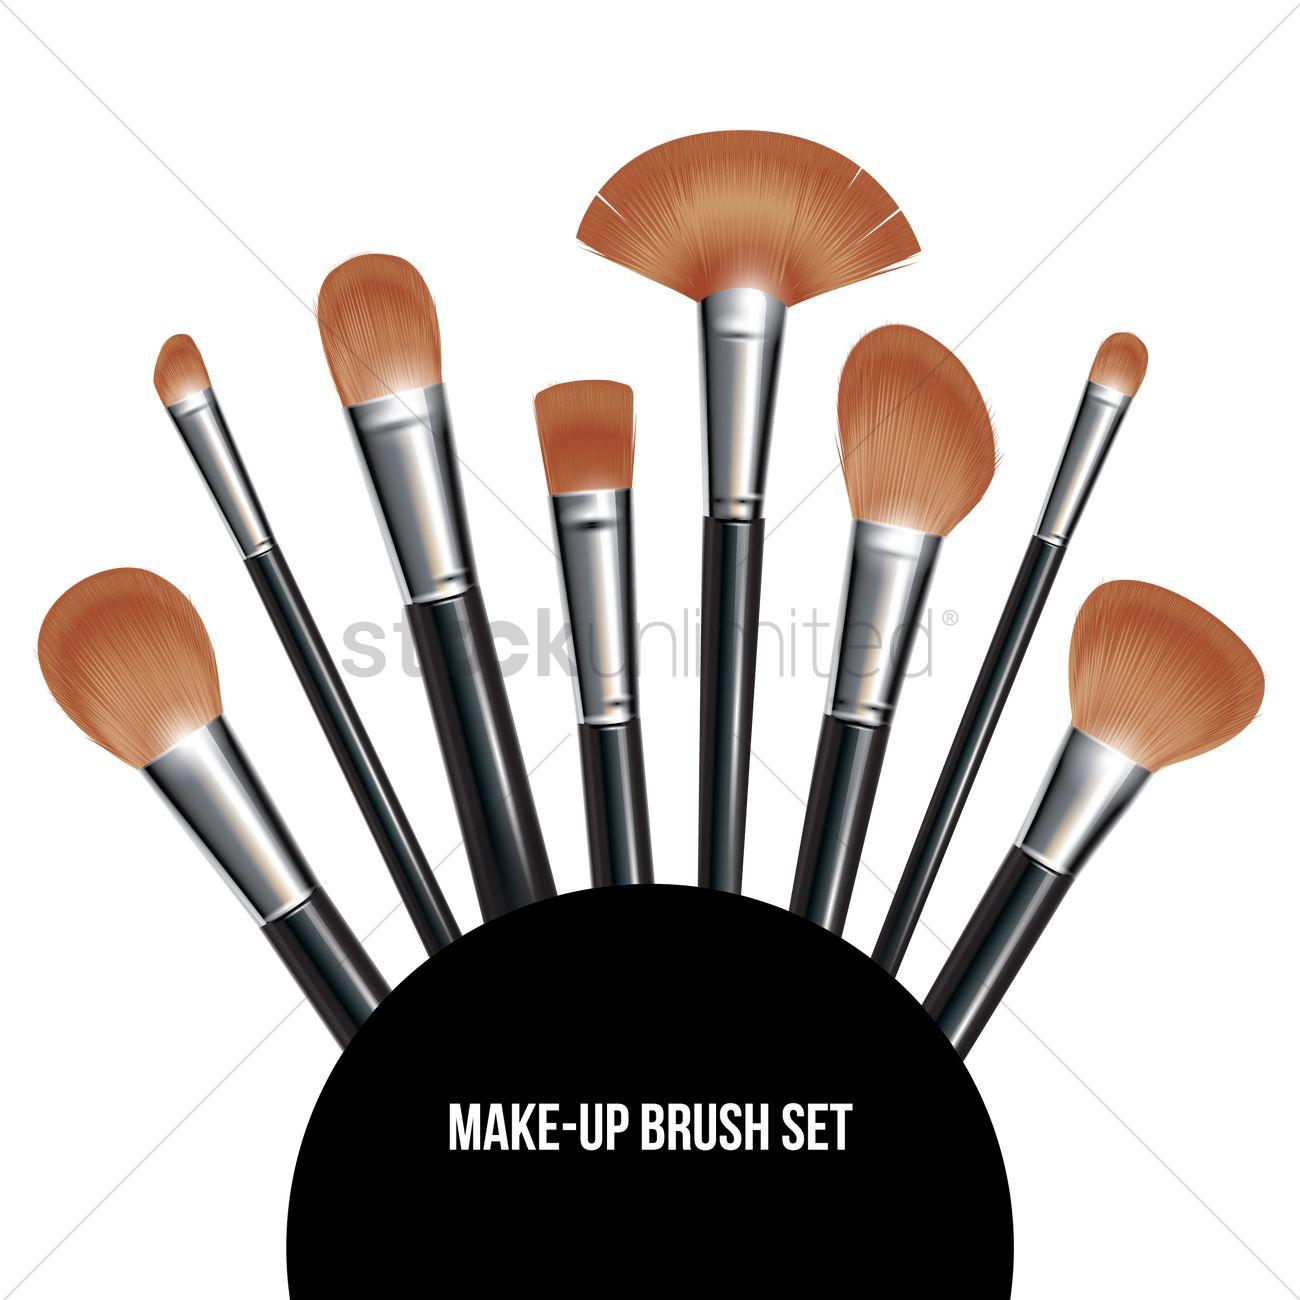 makeup brush vector - photo #1